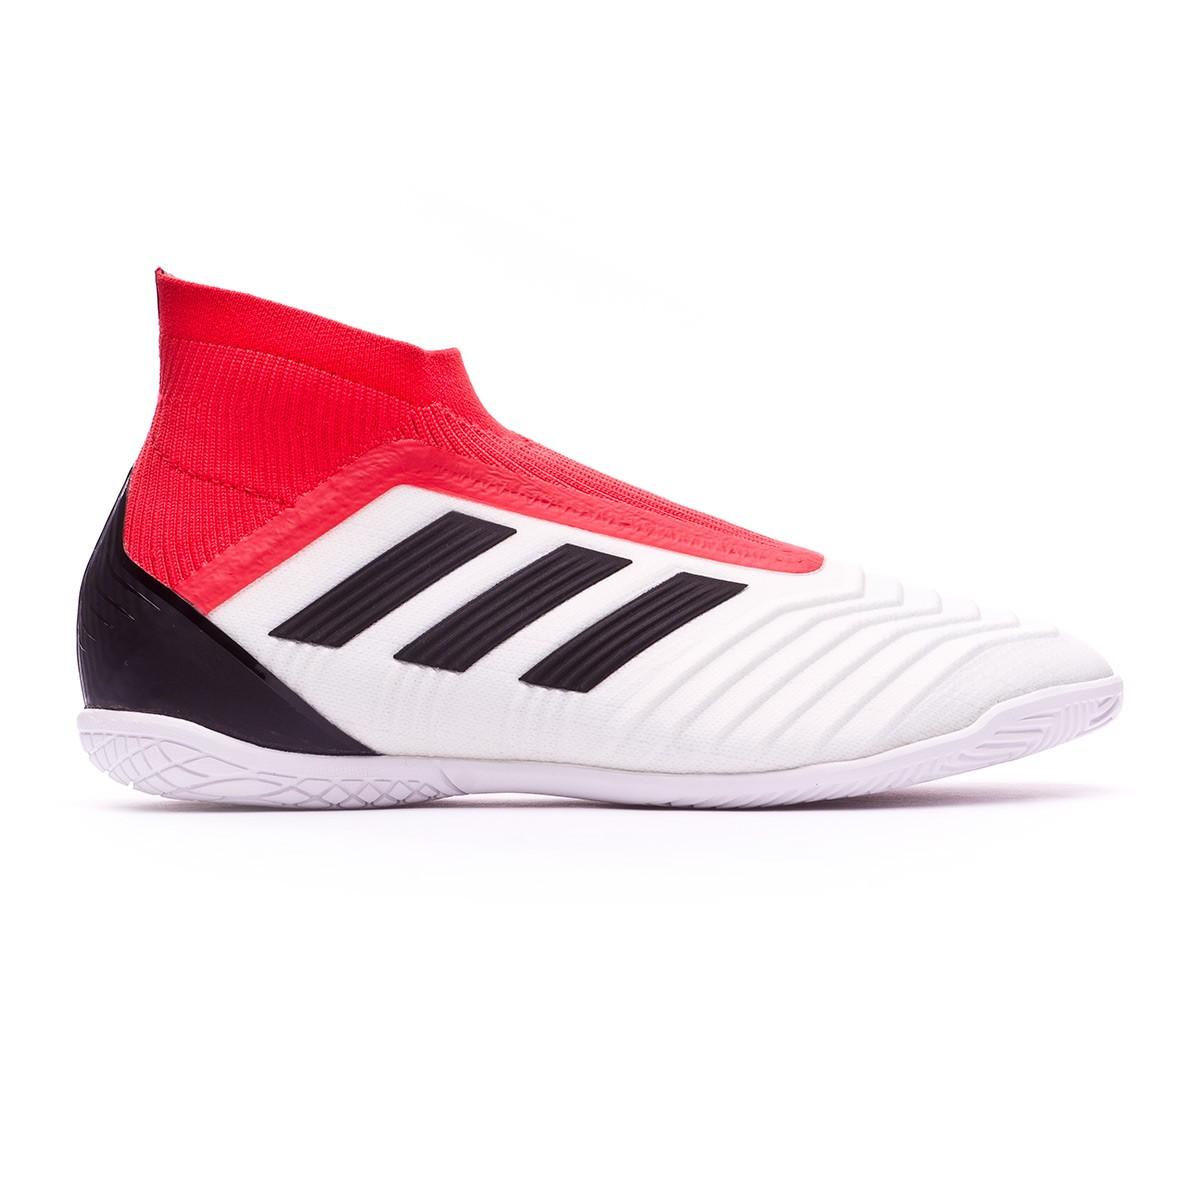 e89f179850008 Sapatilha de Futsal adidas Predator Tango 18+ IN Crianças White-Core  black-Real coral - Loja de futebol Fútbol Emotion